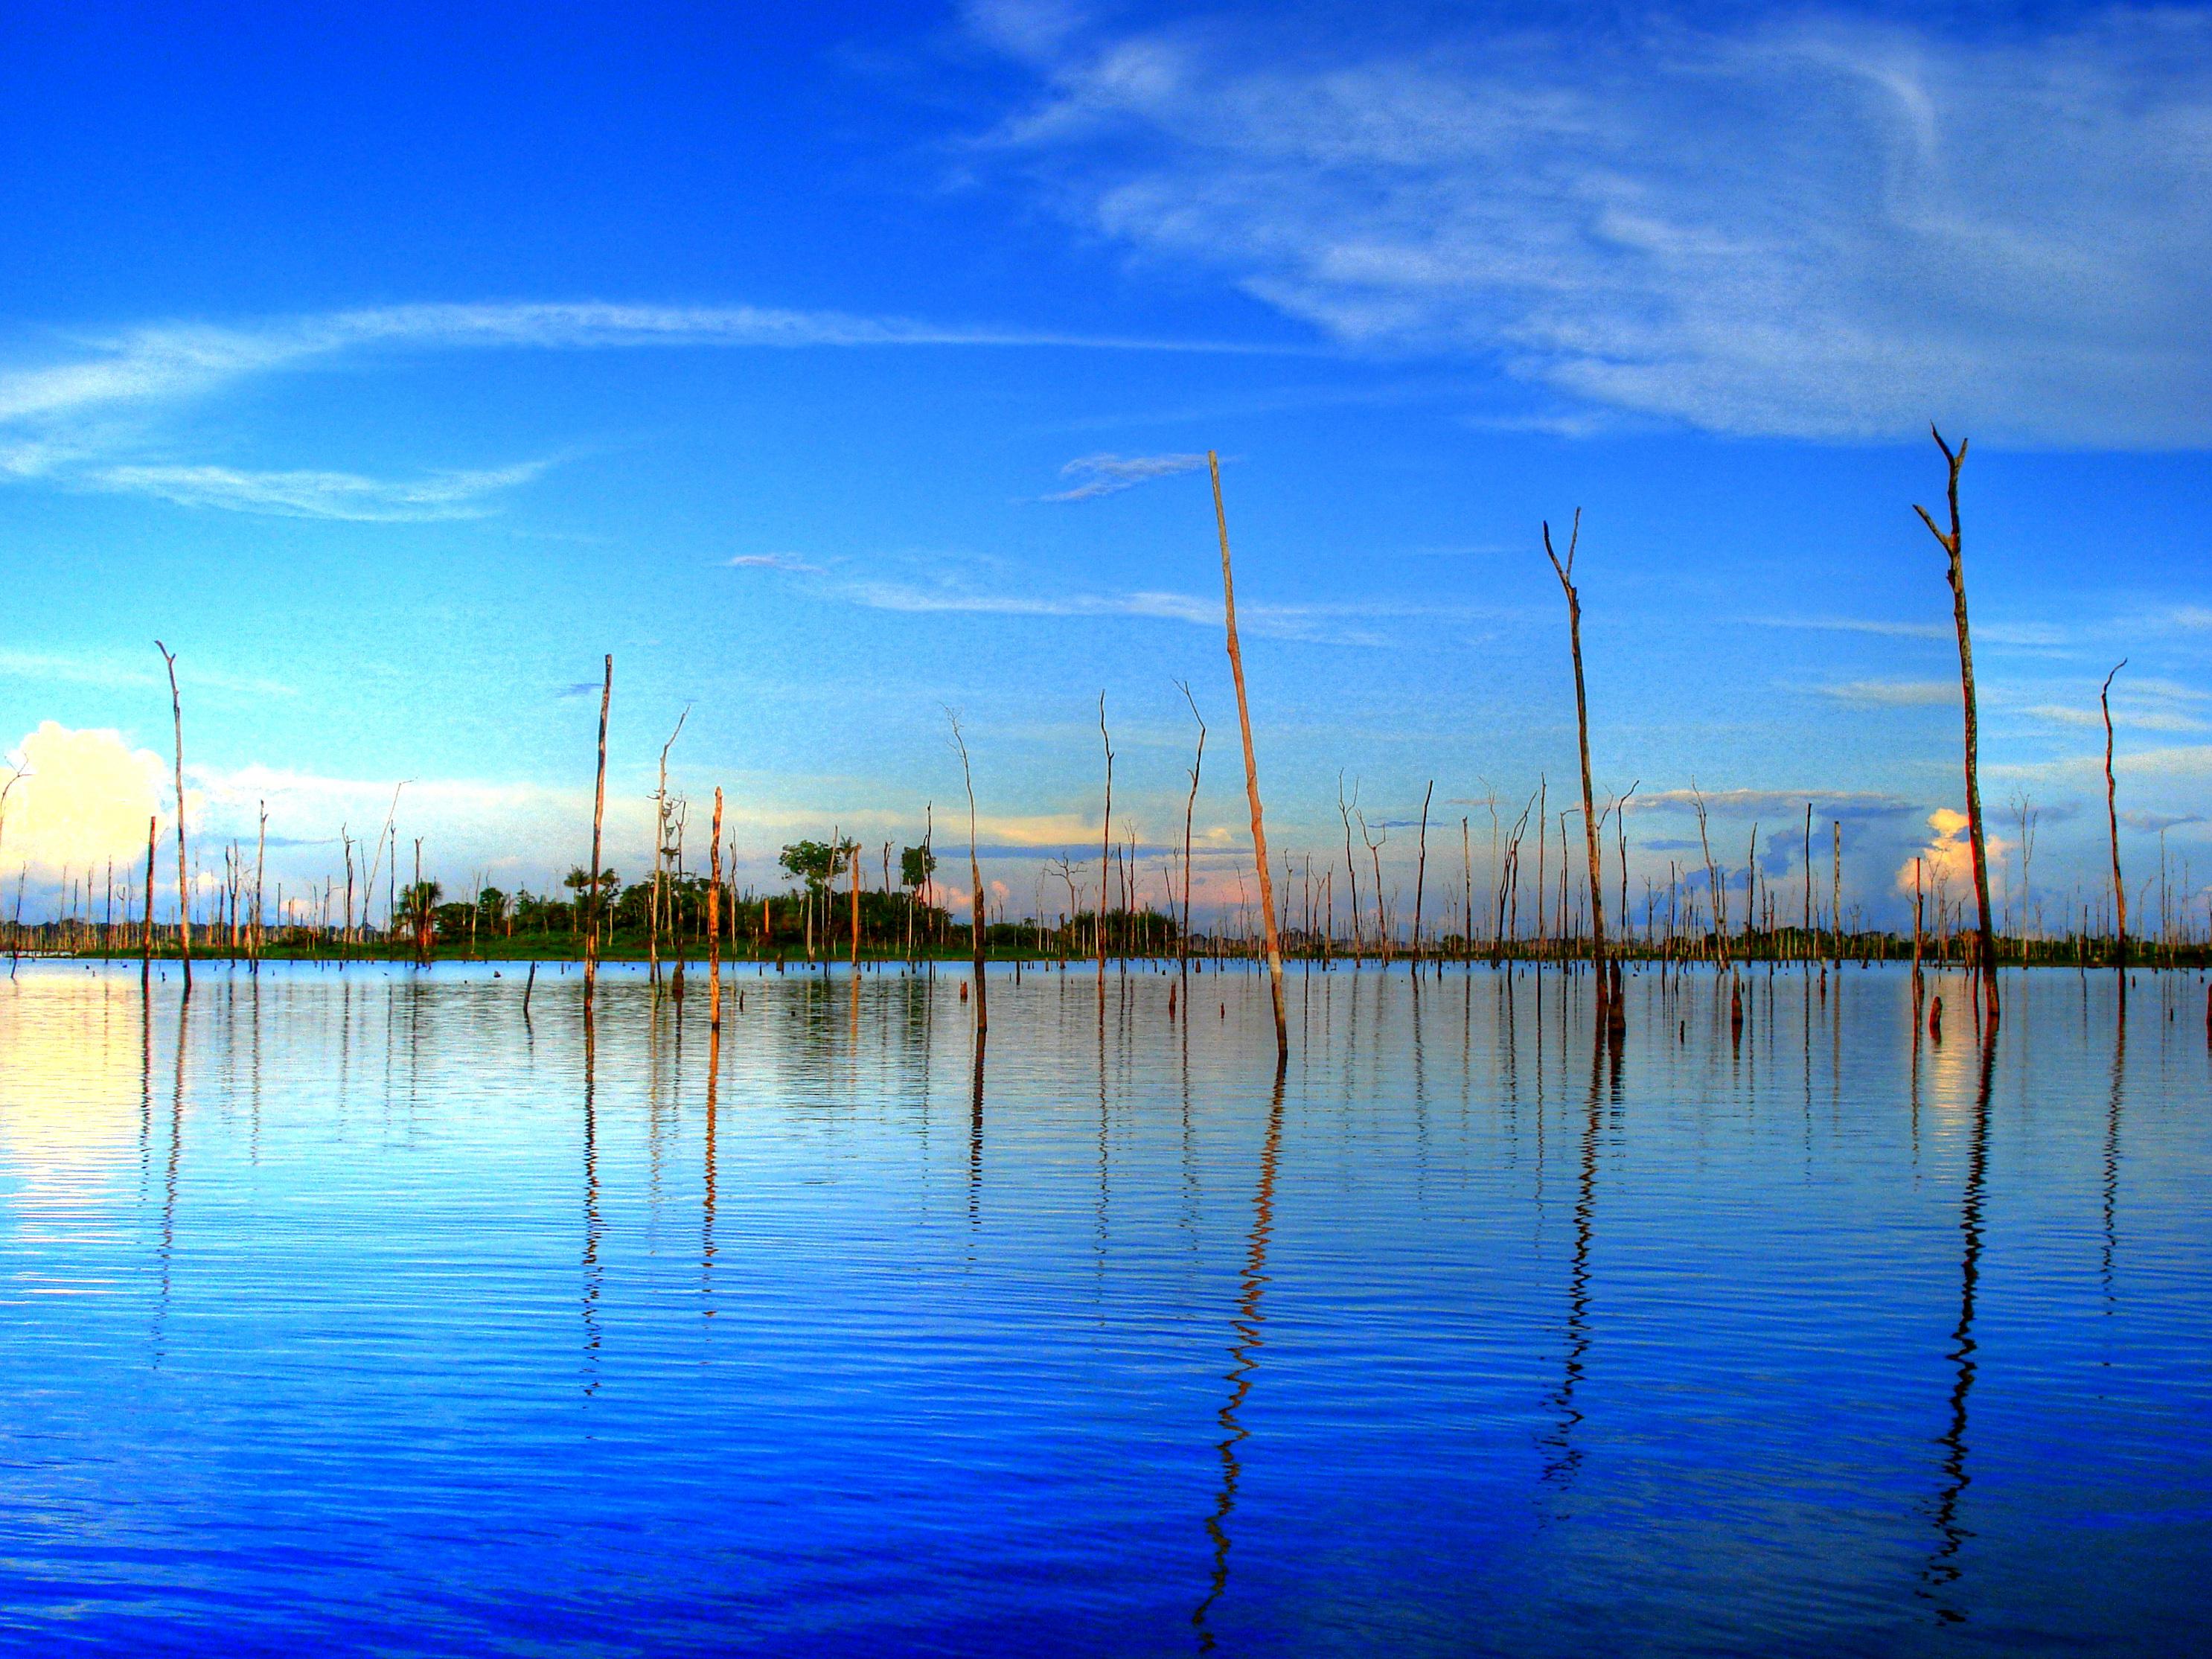 Justiça ambiental e barragens amazônicas: 4 – A história de tomada de decisão